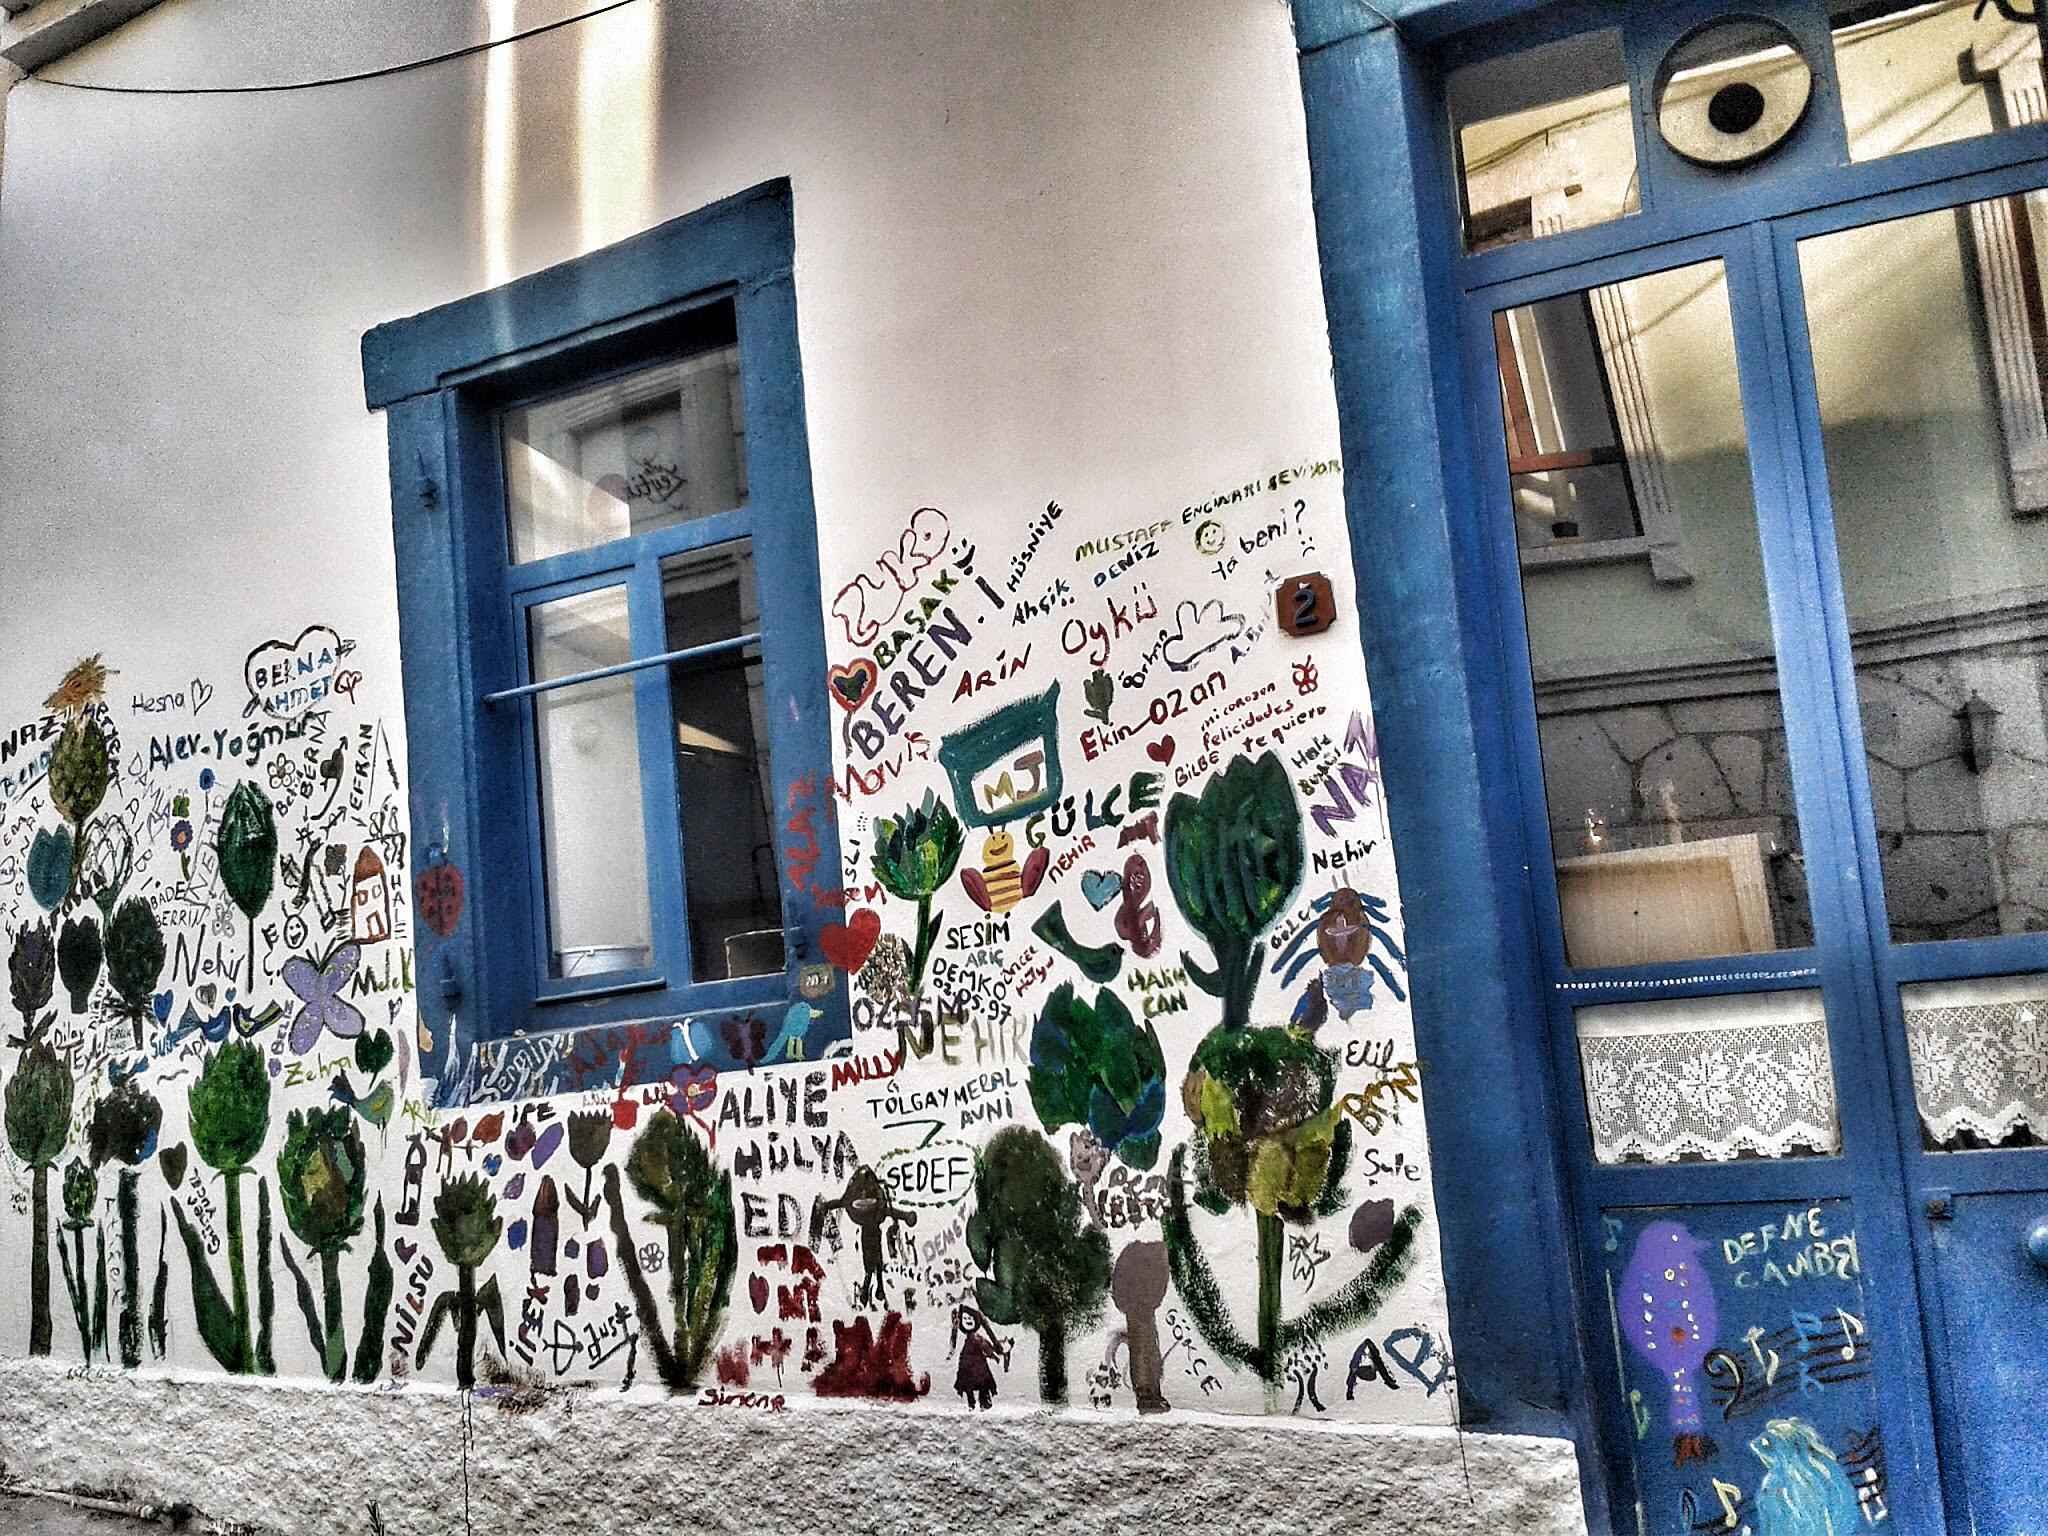 Street of Art in Urla by Meriç Aksu